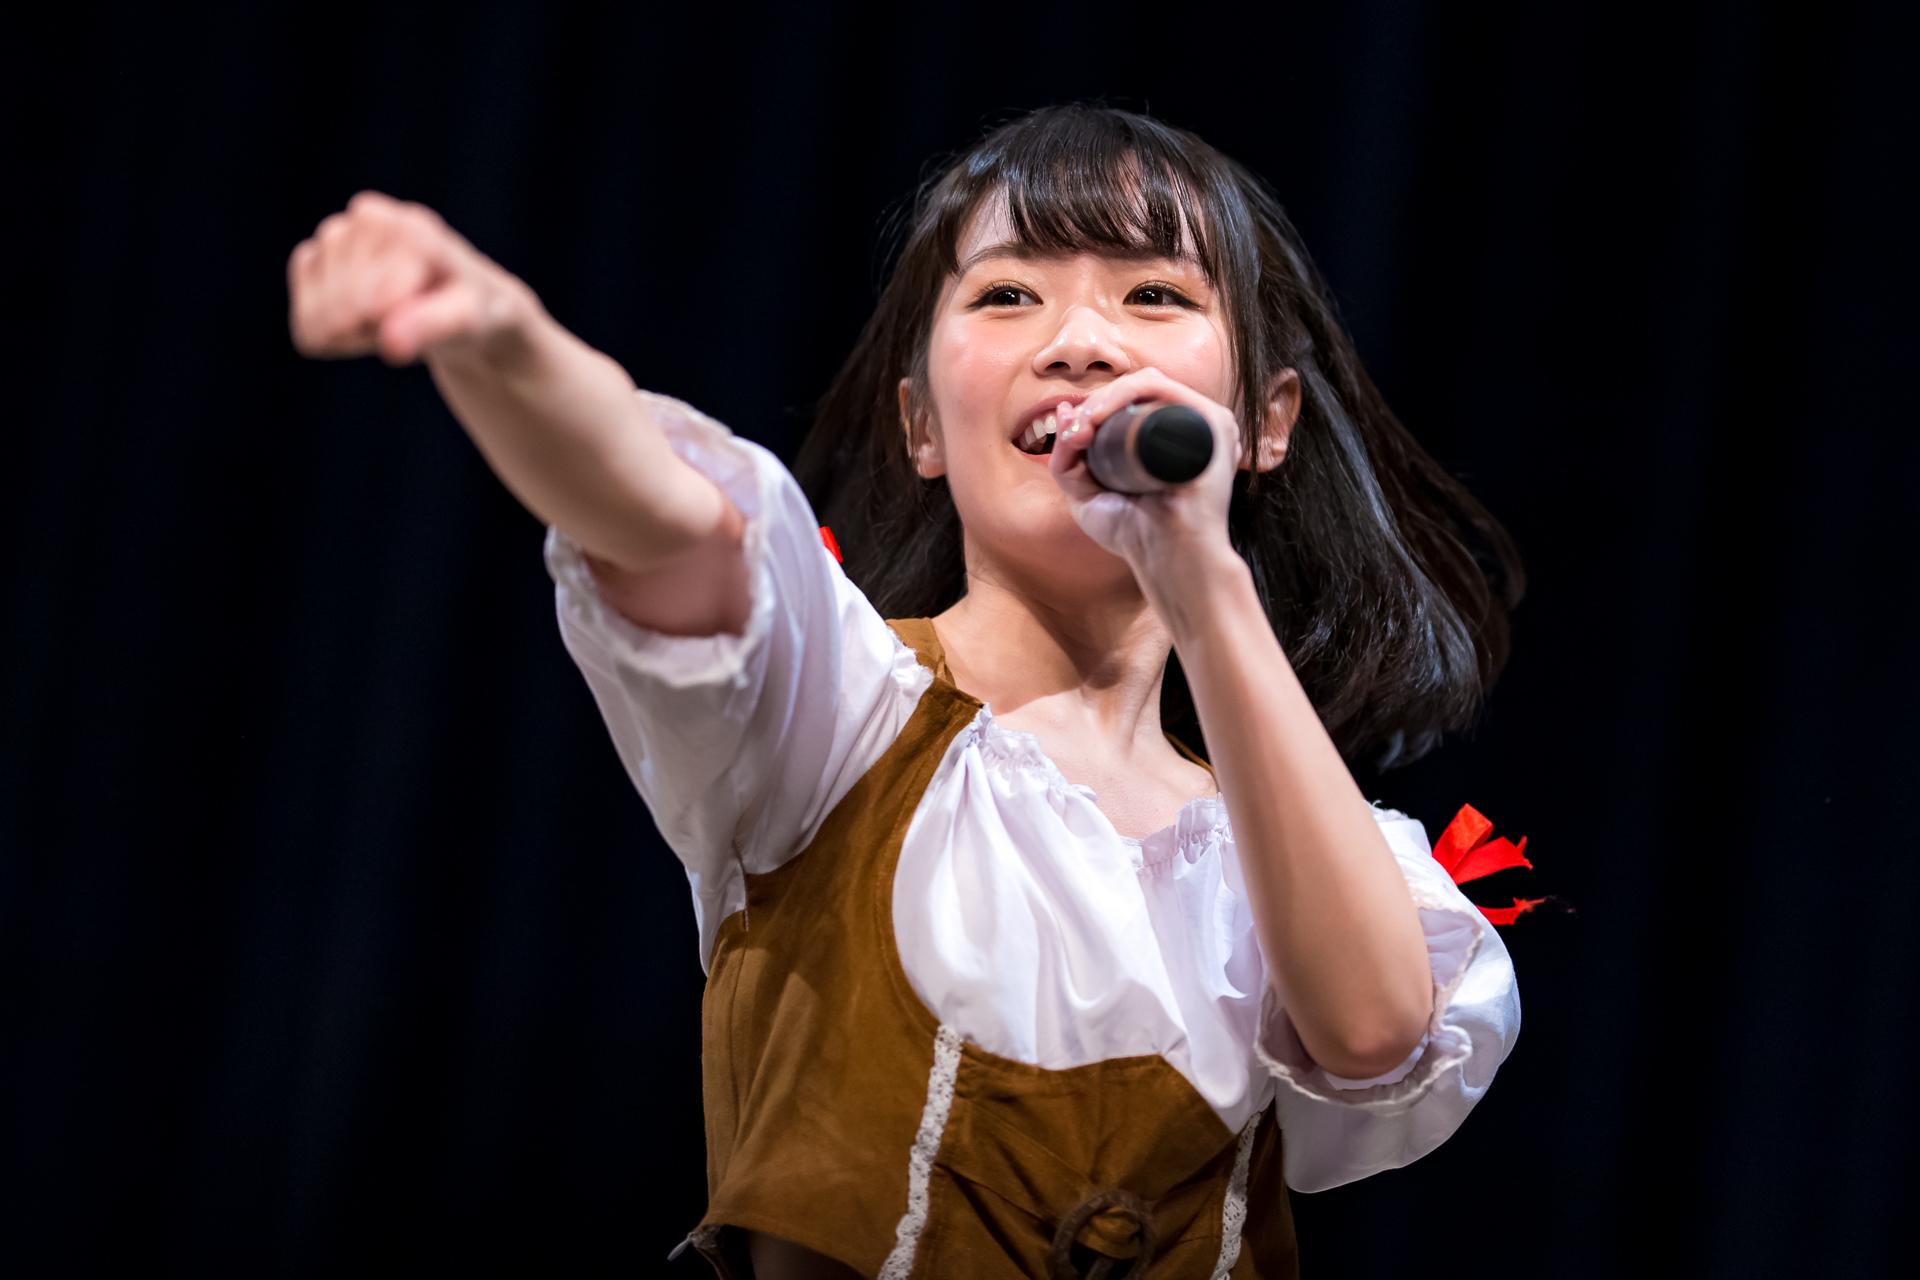 2代目HAPPY少女 - みっちょ ( 本田みく )